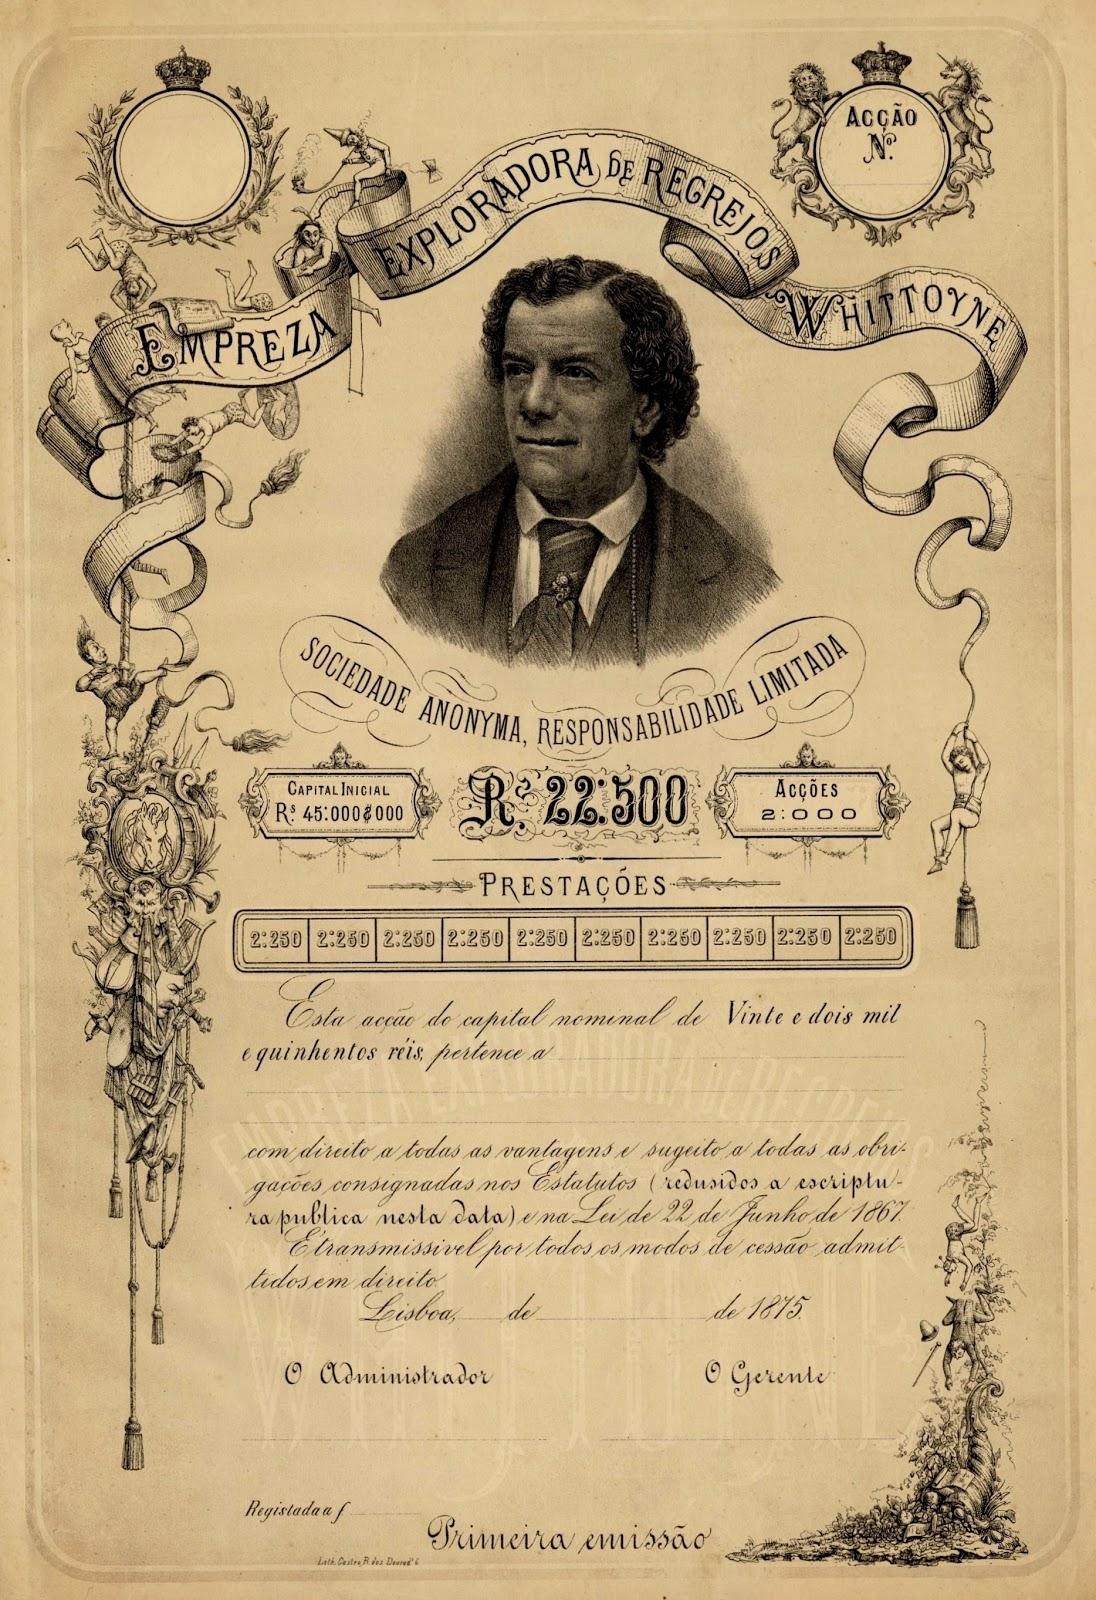 [1875-Empreza-de-Recreios-Whittoyne6]